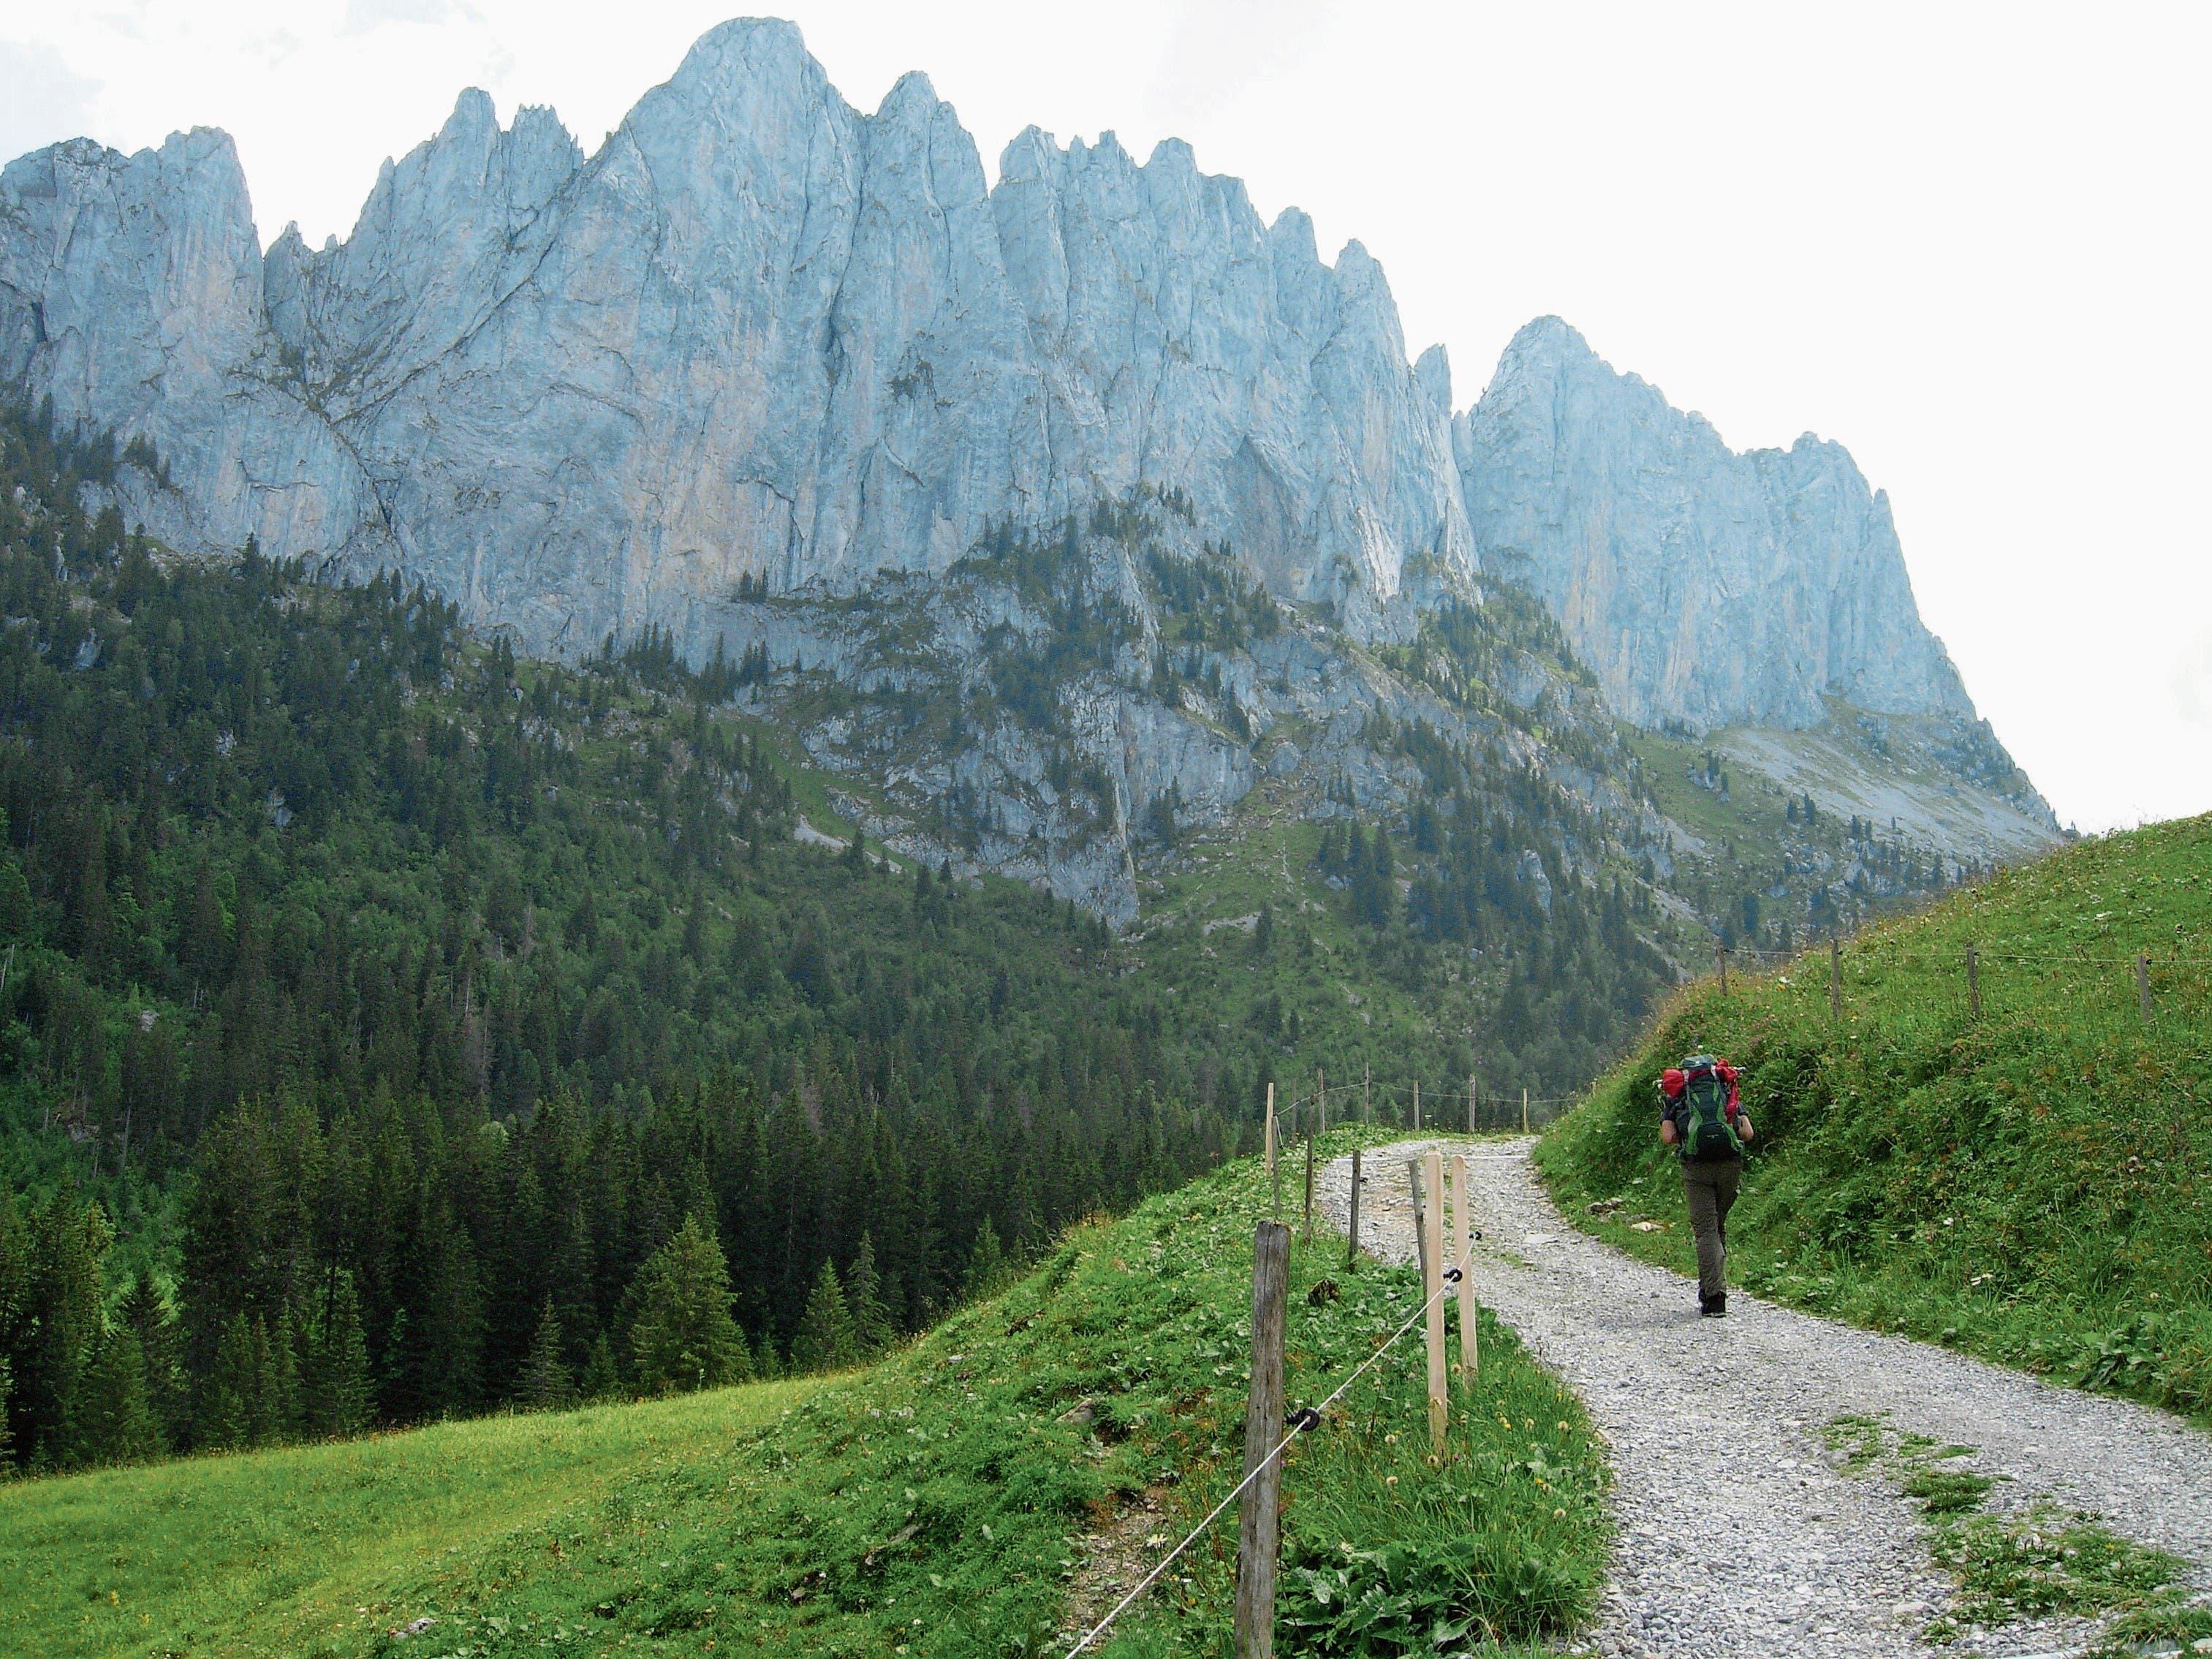 Der Aufstieg von Jaun her zum Chalet du Soldat (Soldatenhaus) auf 1752 m ü. M., entlang der schlanken Felszähne der Gastlosen-Bergkette. (Bild: Bilder: Monika Neidhart)